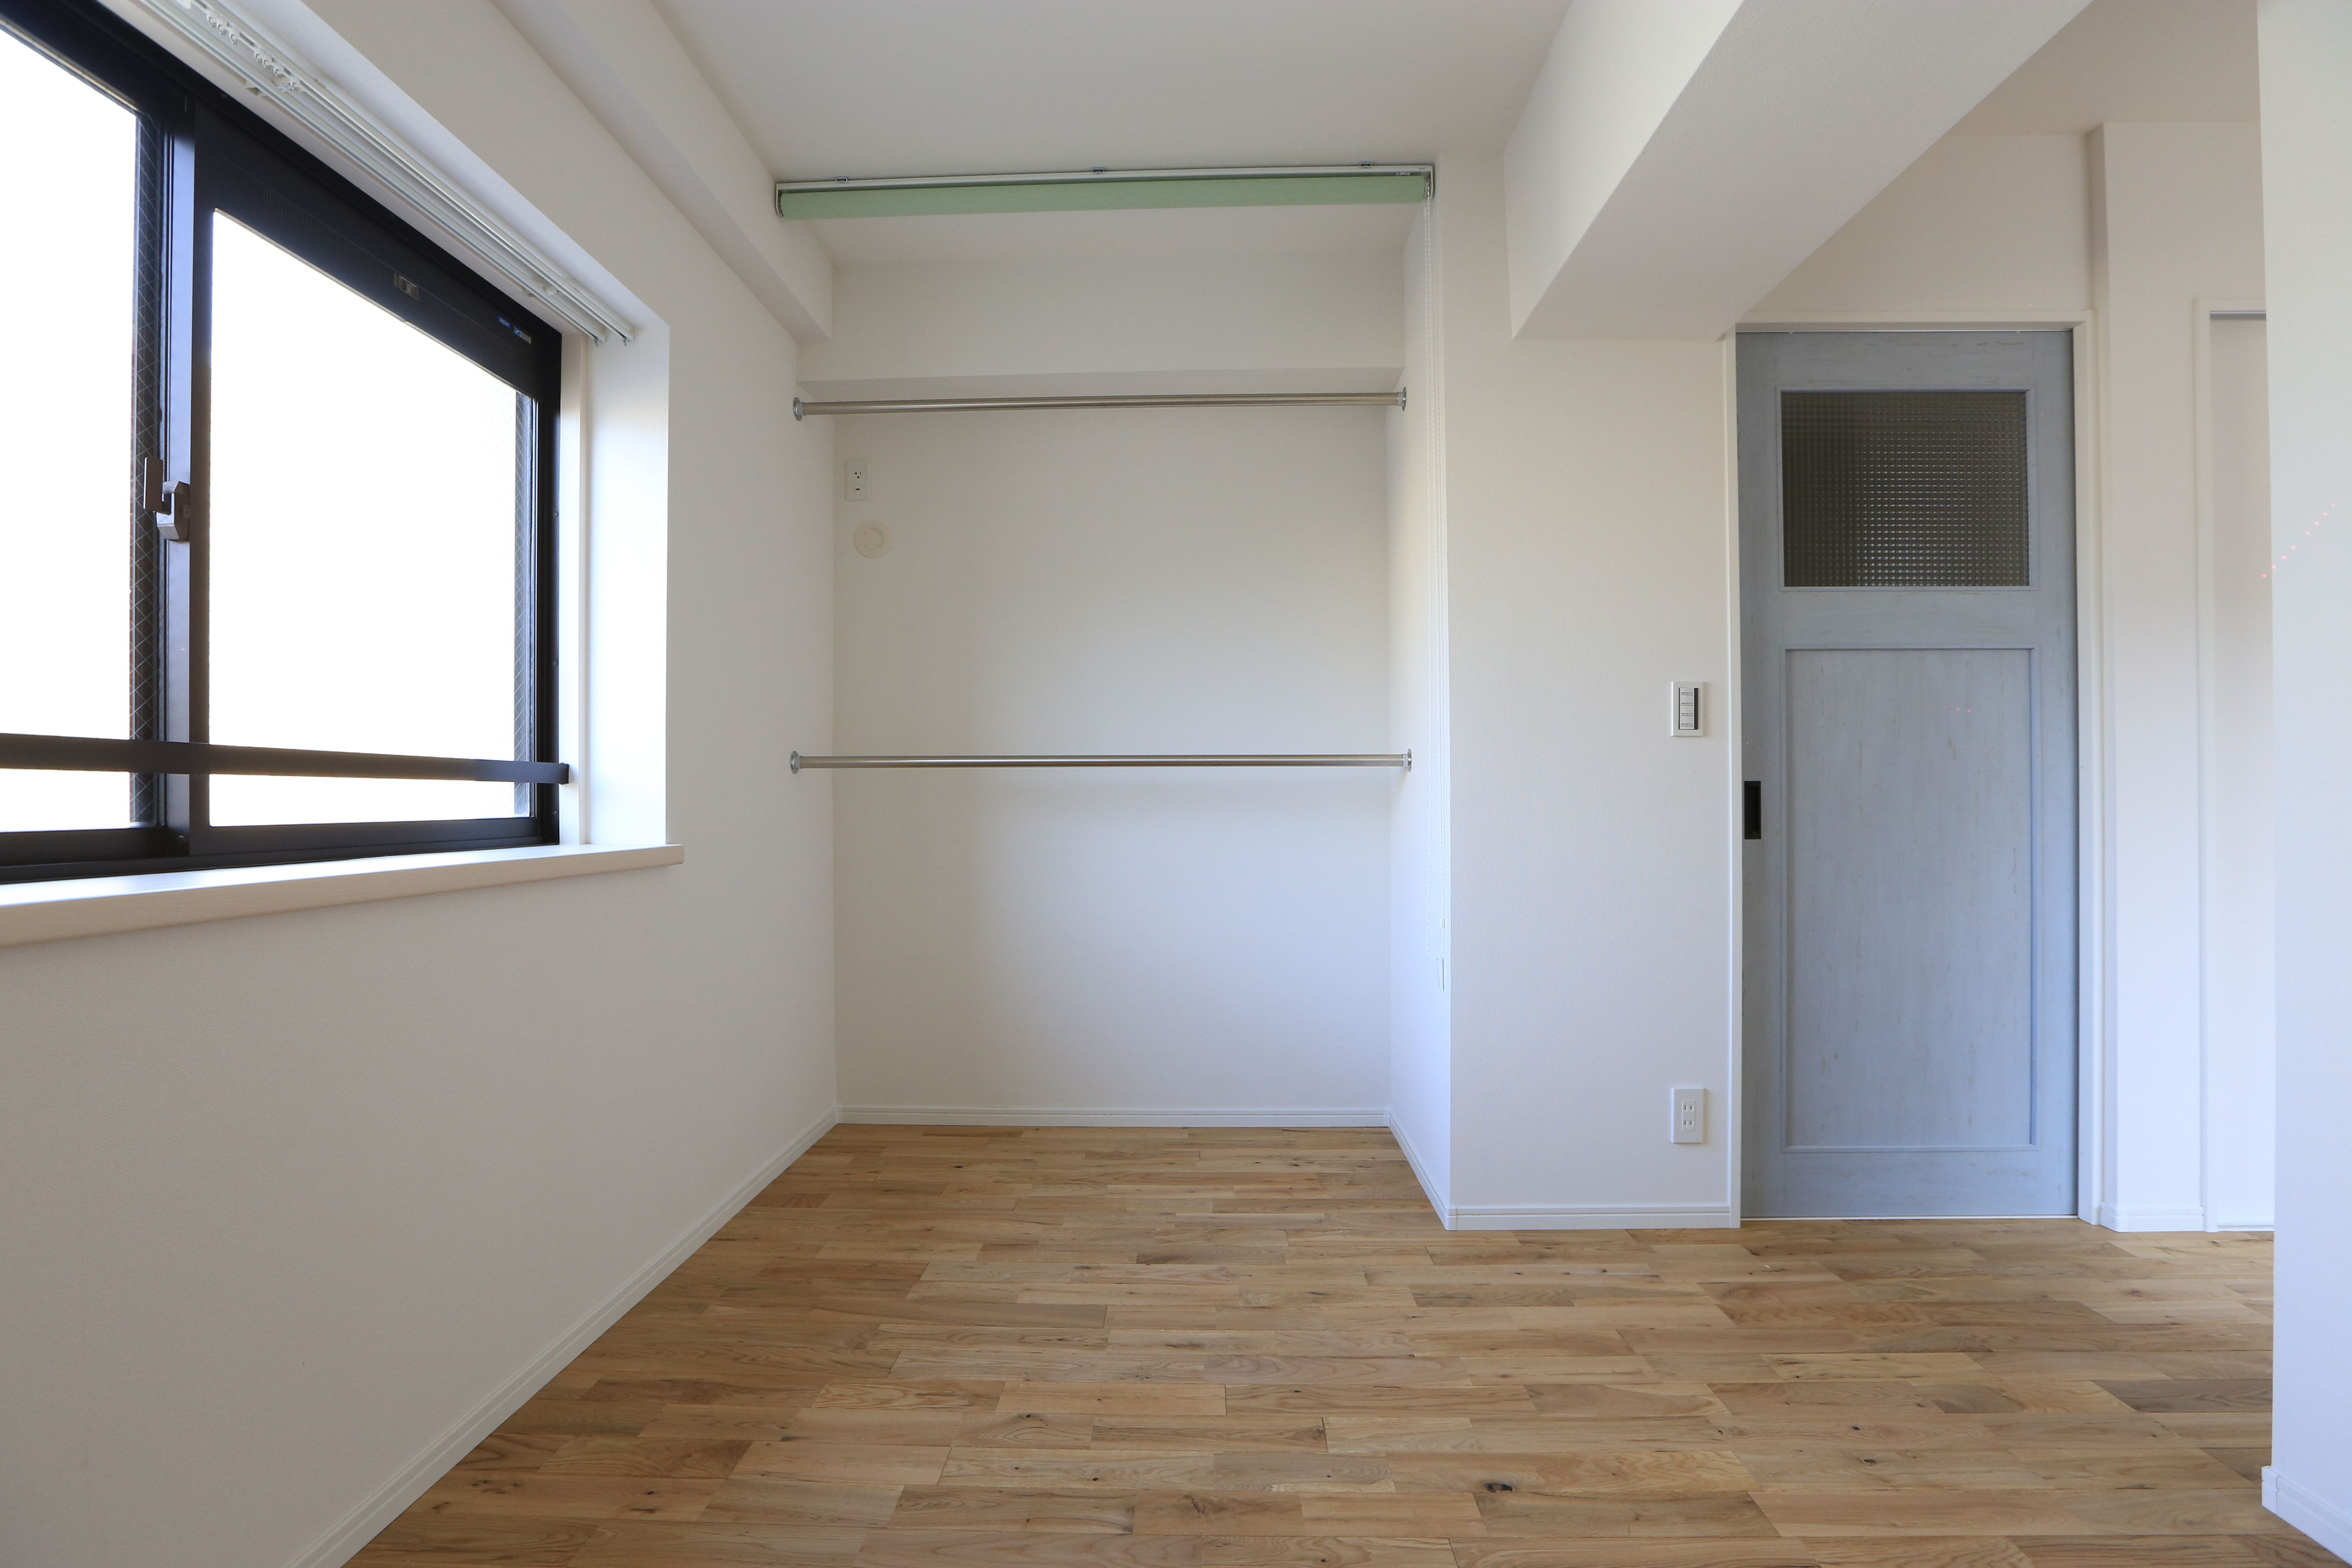 洋室になります よく見てもらうとハンガーパイプがあって収納できる